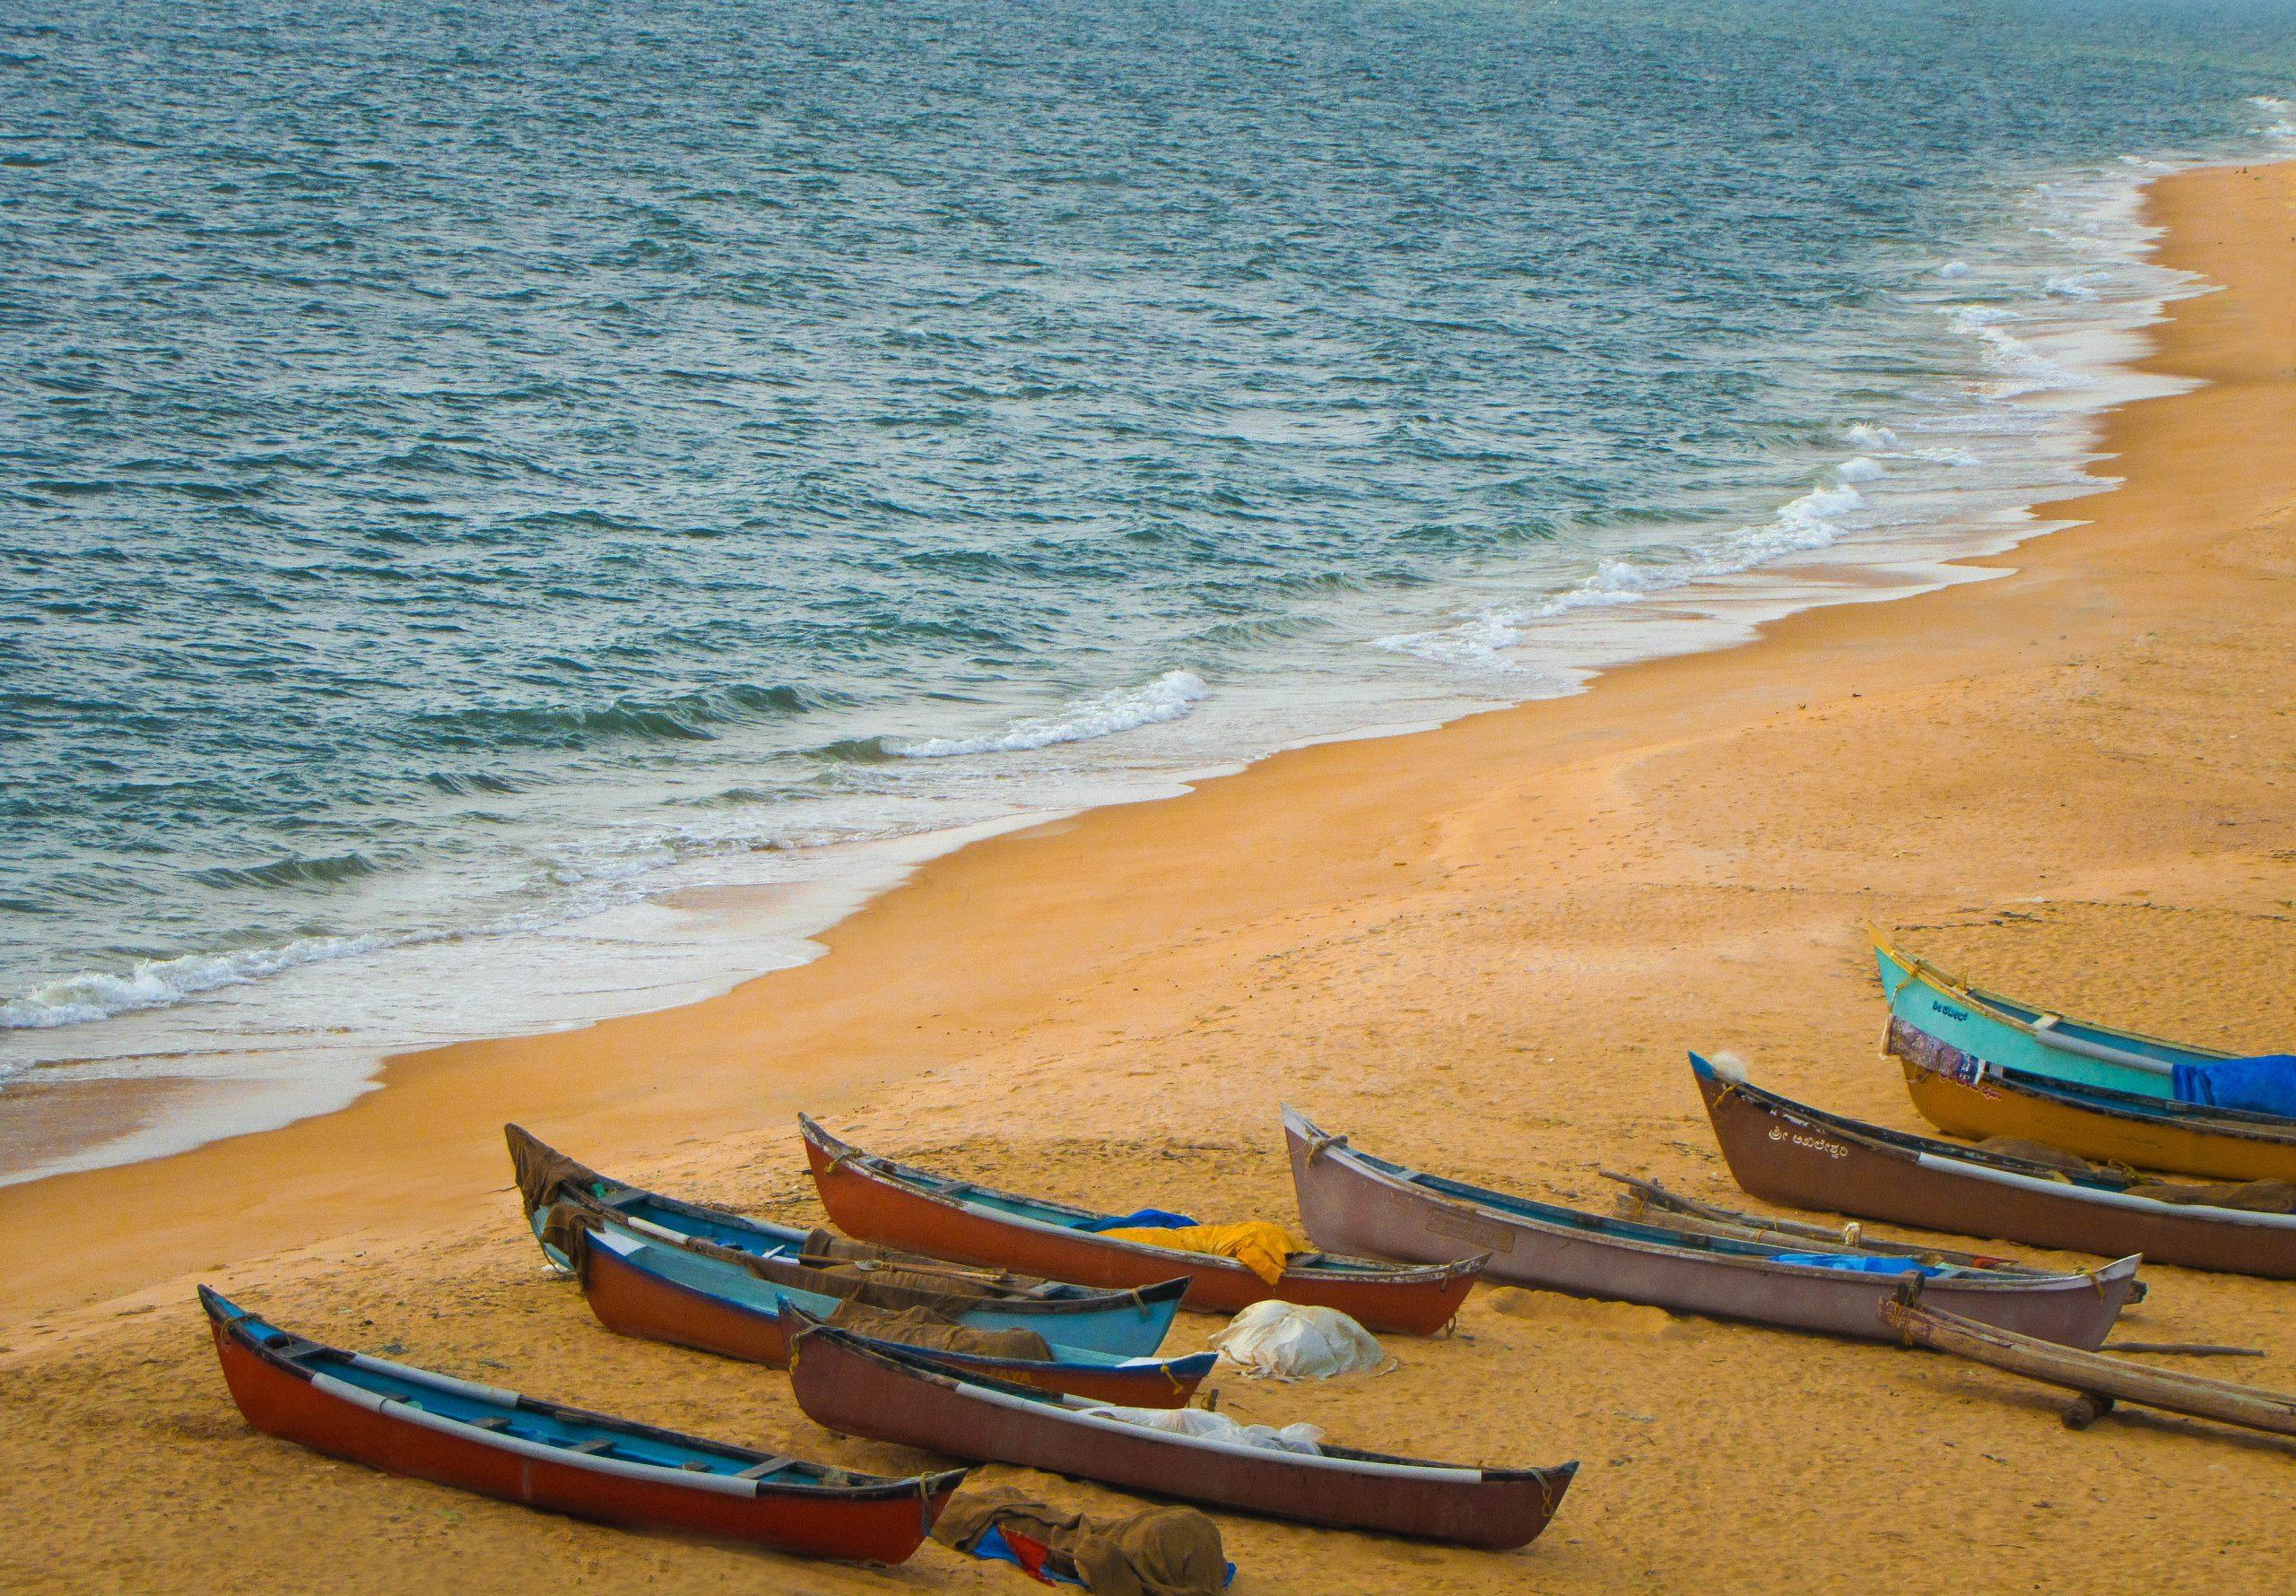 Boats at Kapu beach in Udupi